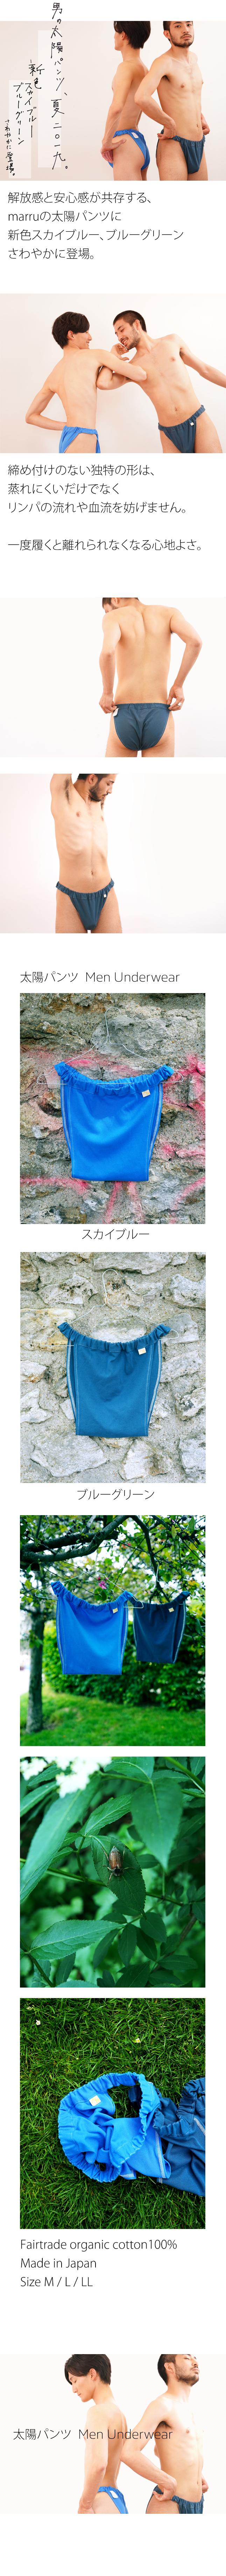 締め付けないカタチで蒸れにくく心地よい縫い糸までオーガニックコットン100%使用の太陽パンツ for Men